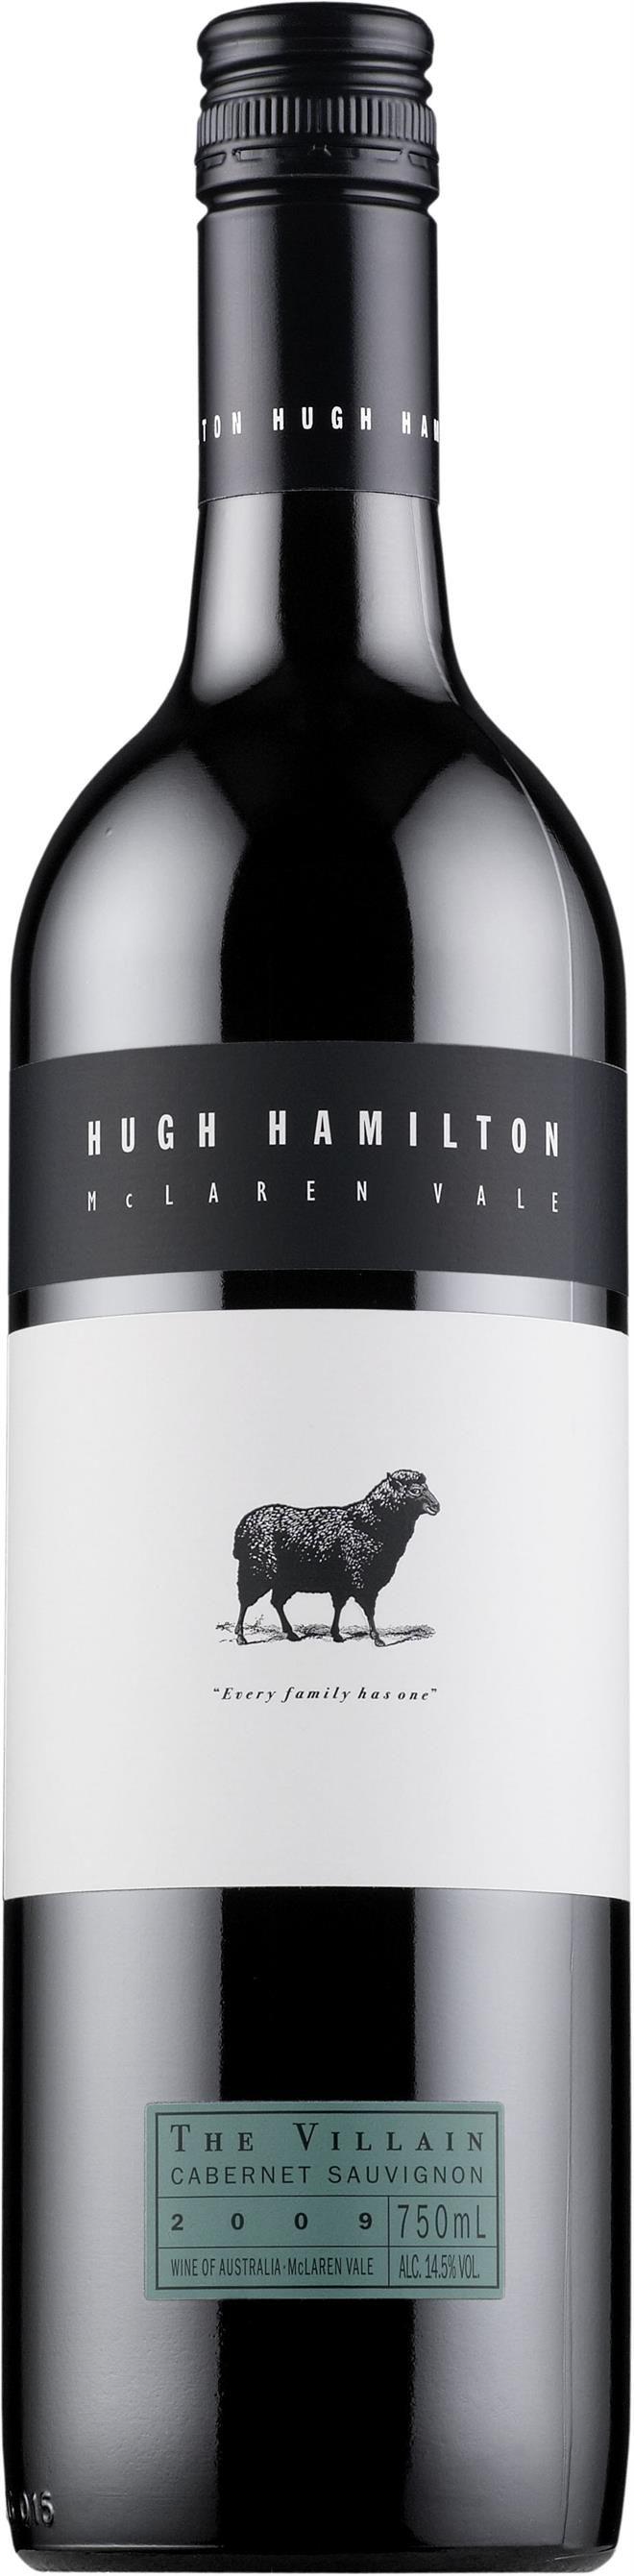 Hugh Hamilton The Villain Cabernet Sauvignon 2012